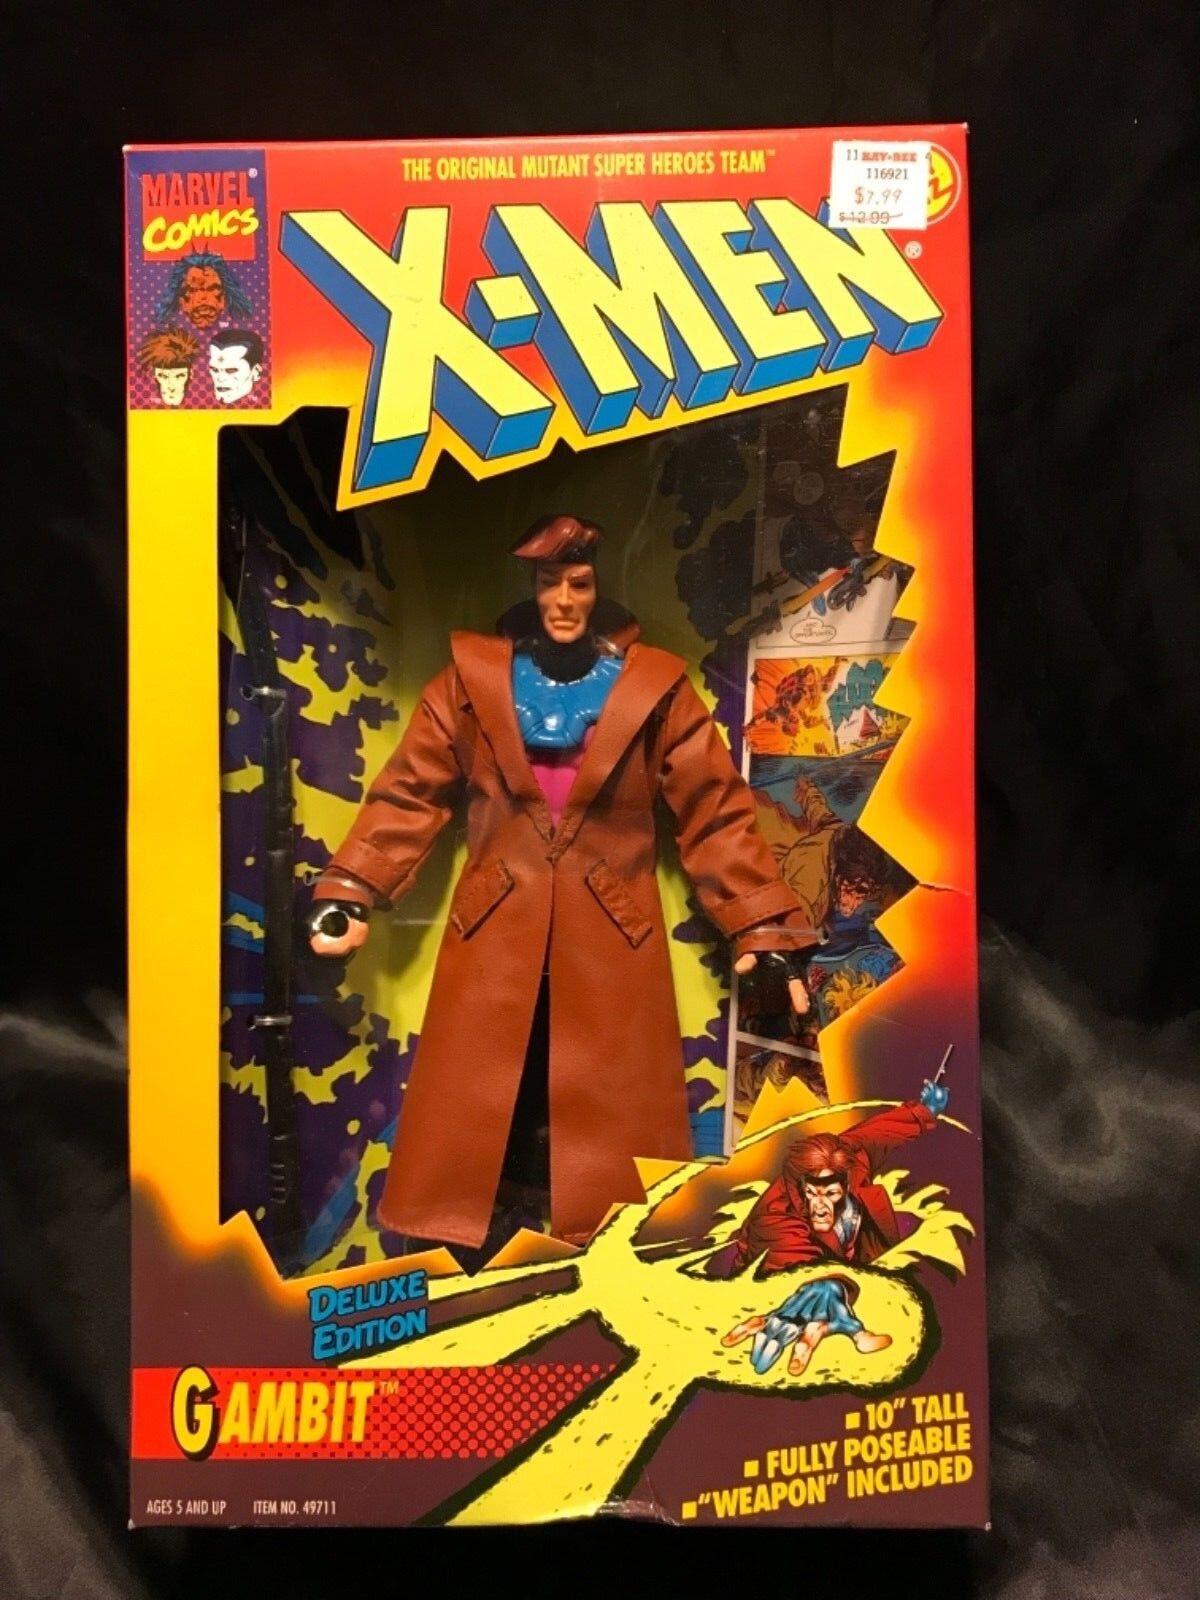 """1994 TOY BIZ X-MEN DELUXE EDITION GAMBIT GAMBIT GAMBIT FIGURE 10"""" IN BOX 703138"""